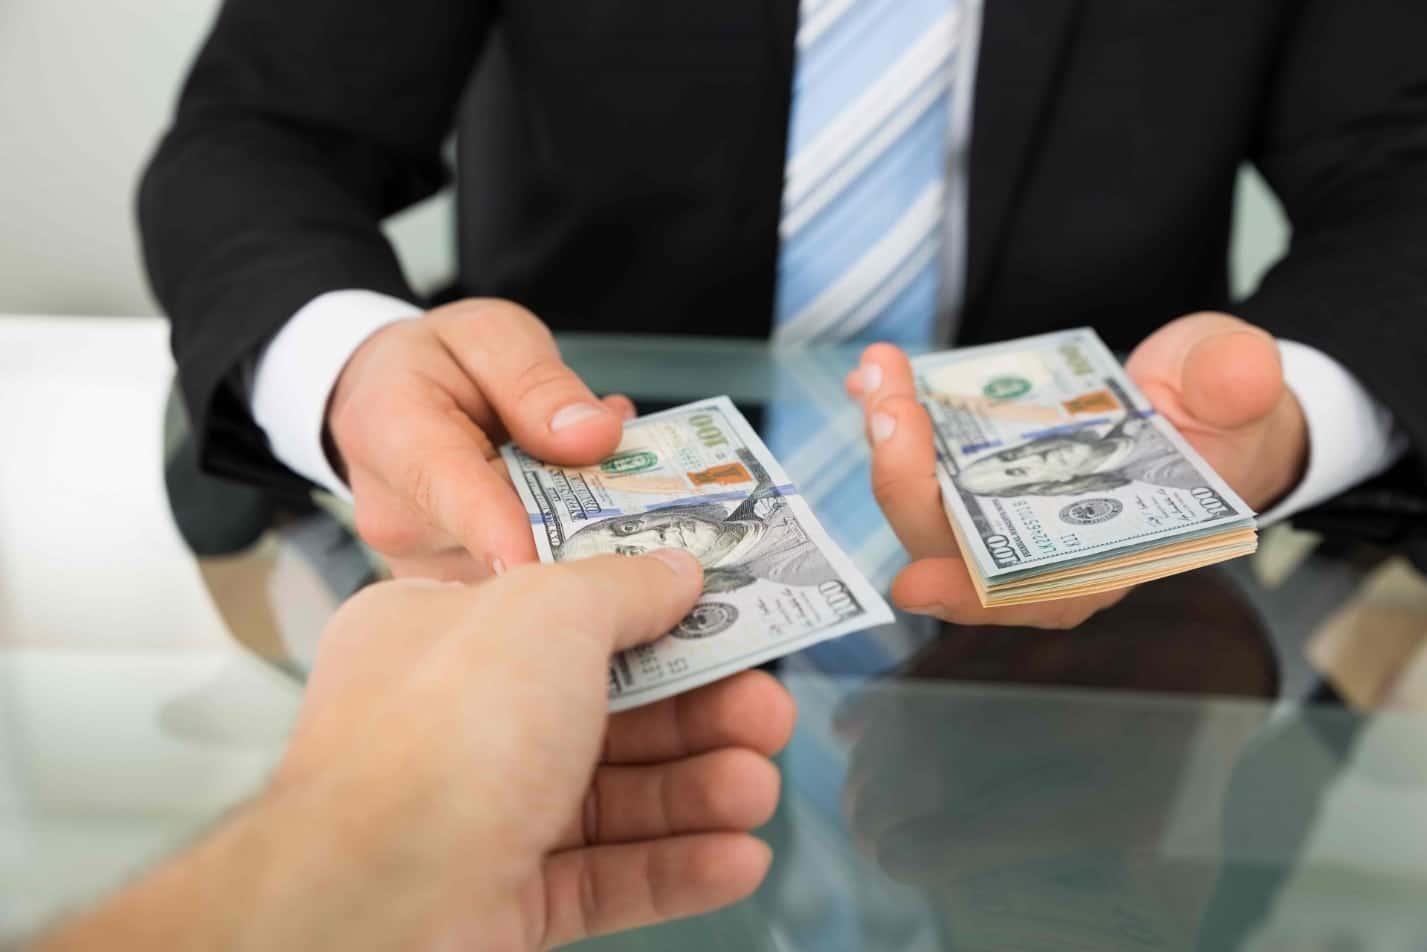 личного картинка деньги при получении или